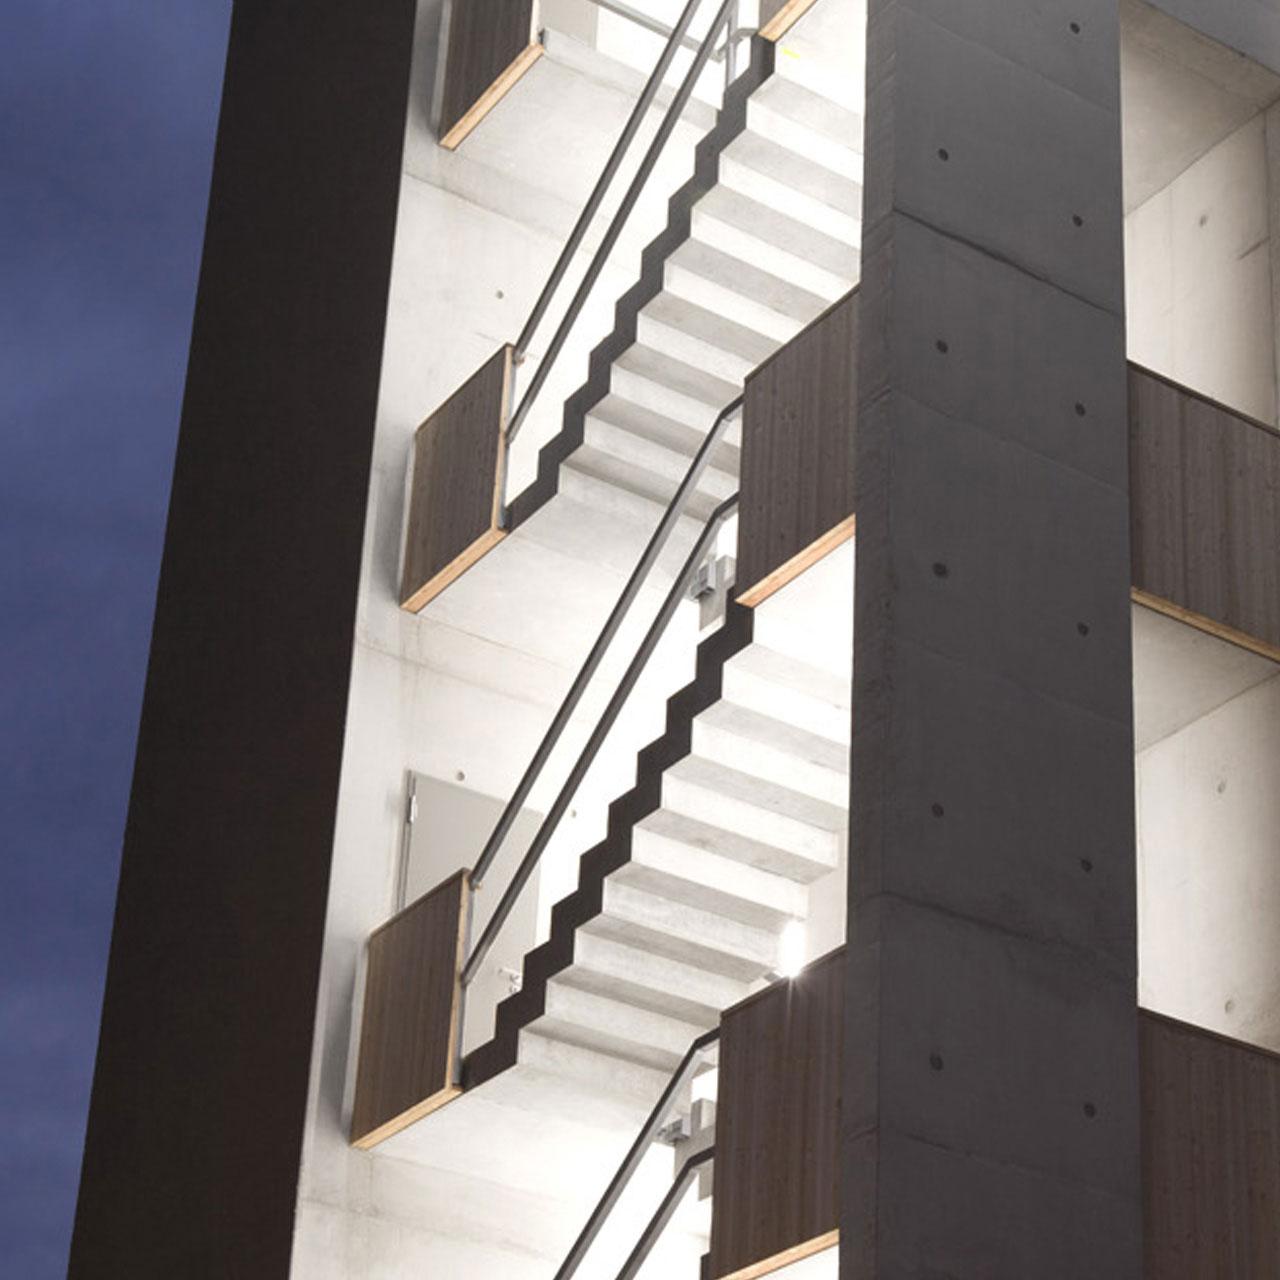 Neubau Hilfeleistungszentrum Hirschberg, Detailansicht Feuerwehrturm